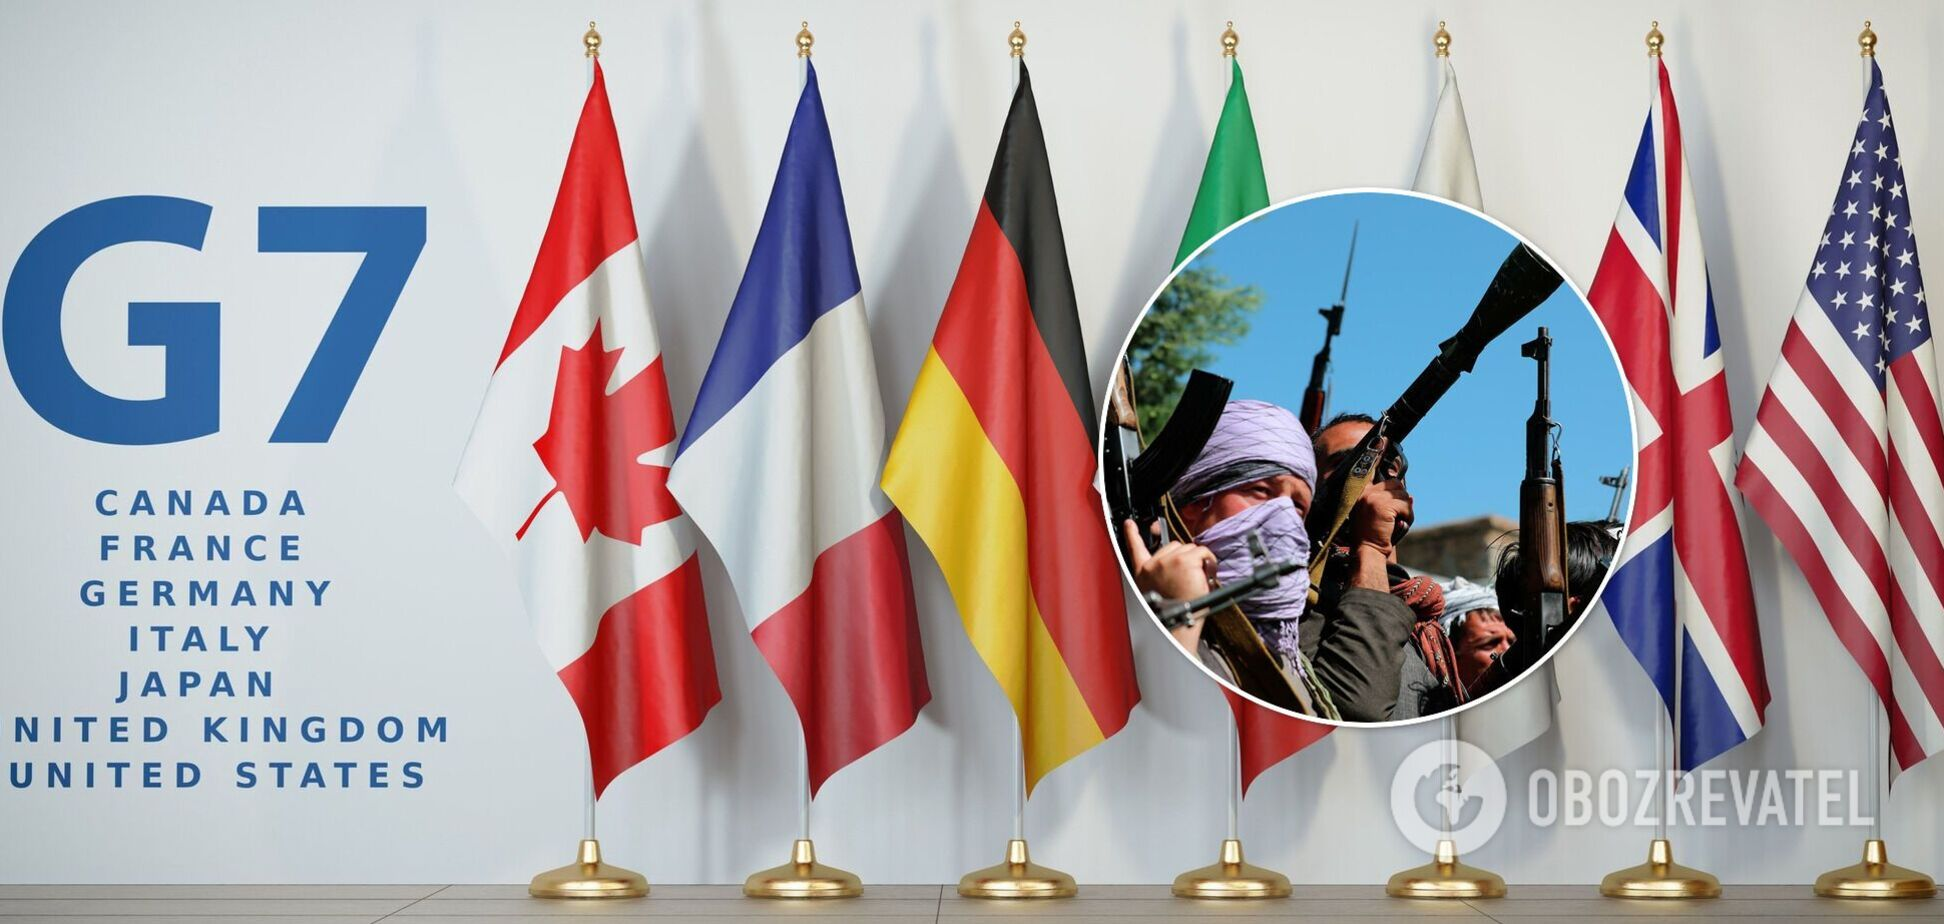 В G7 согласовали 'дорожную карту' для сотрудничества с талибами и призвали продолжить эвакуацию